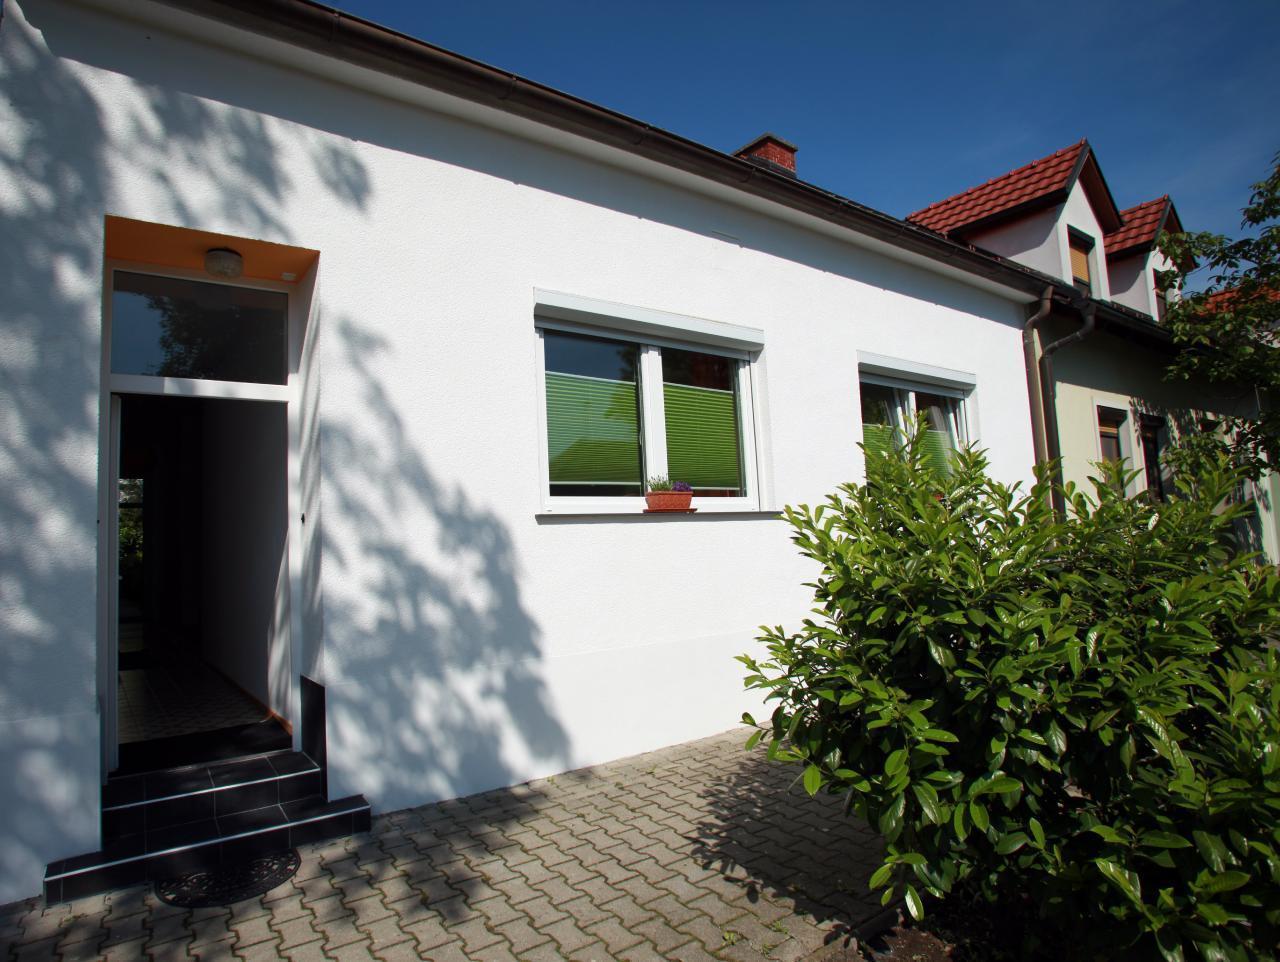 Ferienhaus City Appartement Haus - Klambauer (2212864), Frauenkirchen, Neusiedler See, Burgenland, Österreich, Bild 2